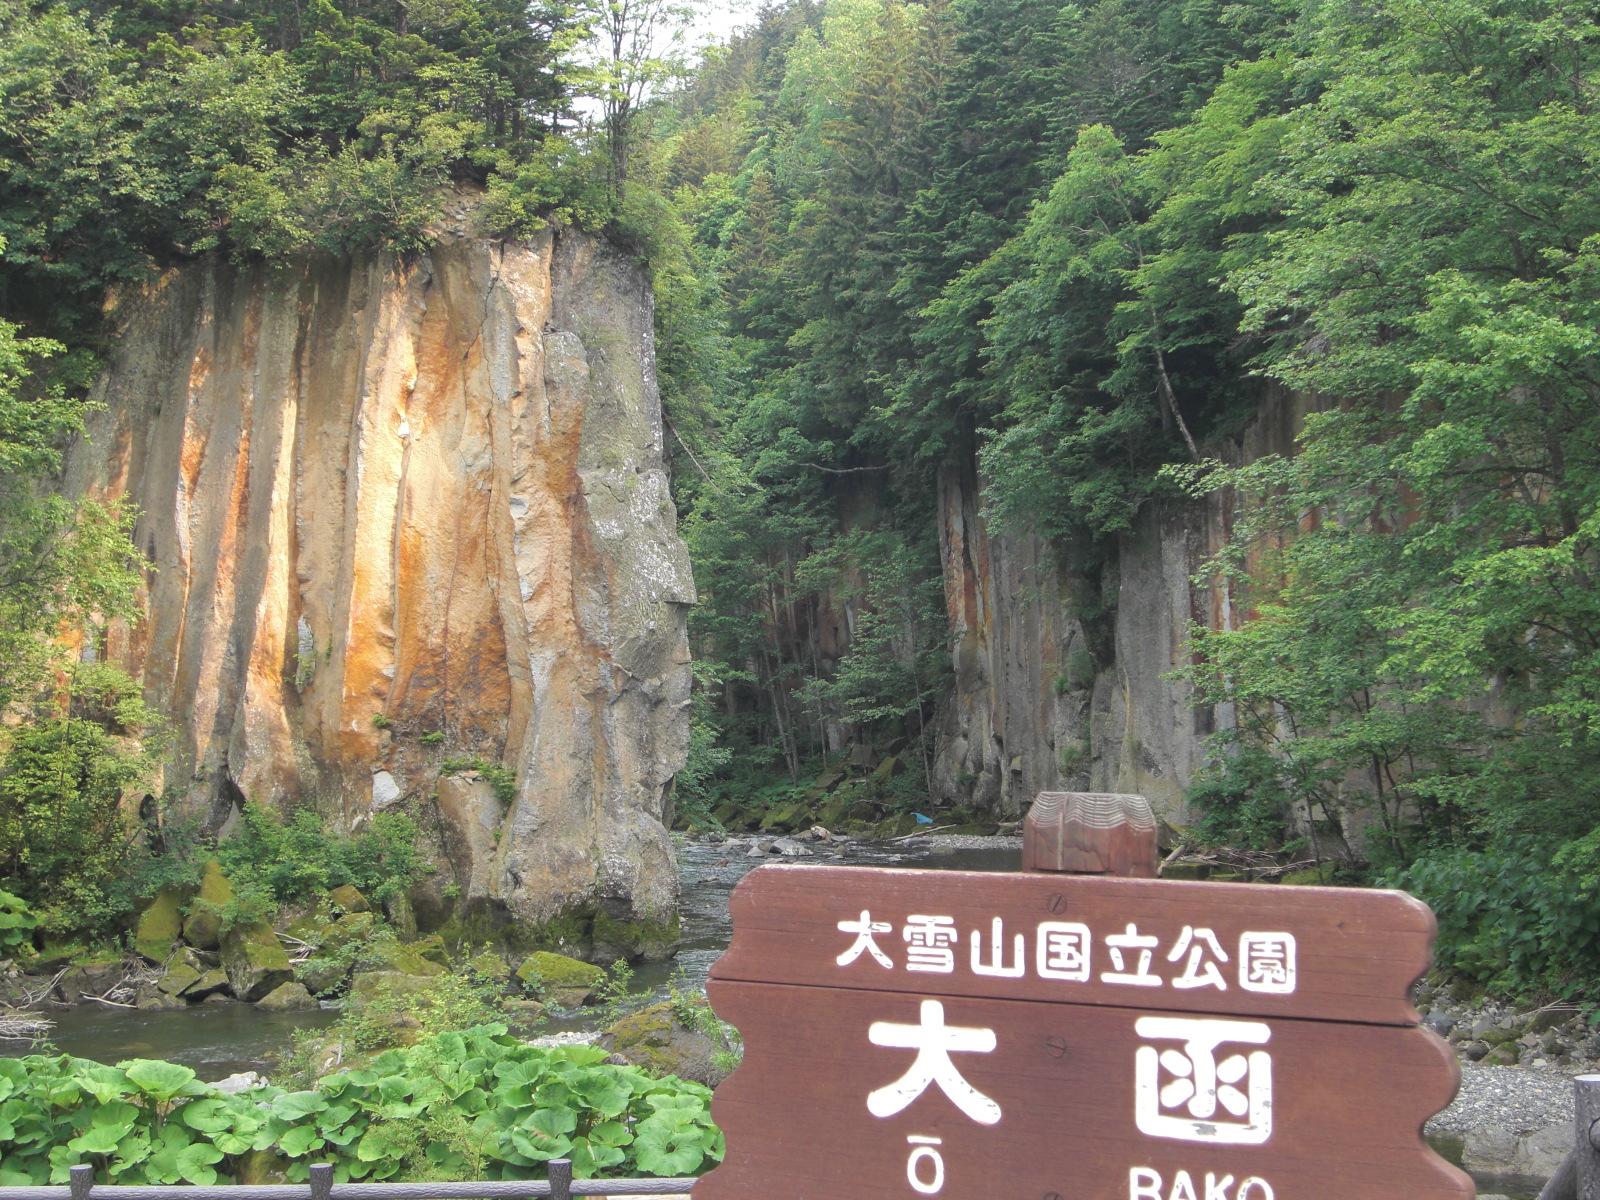 【層雲峡温泉】大函観光案内です。